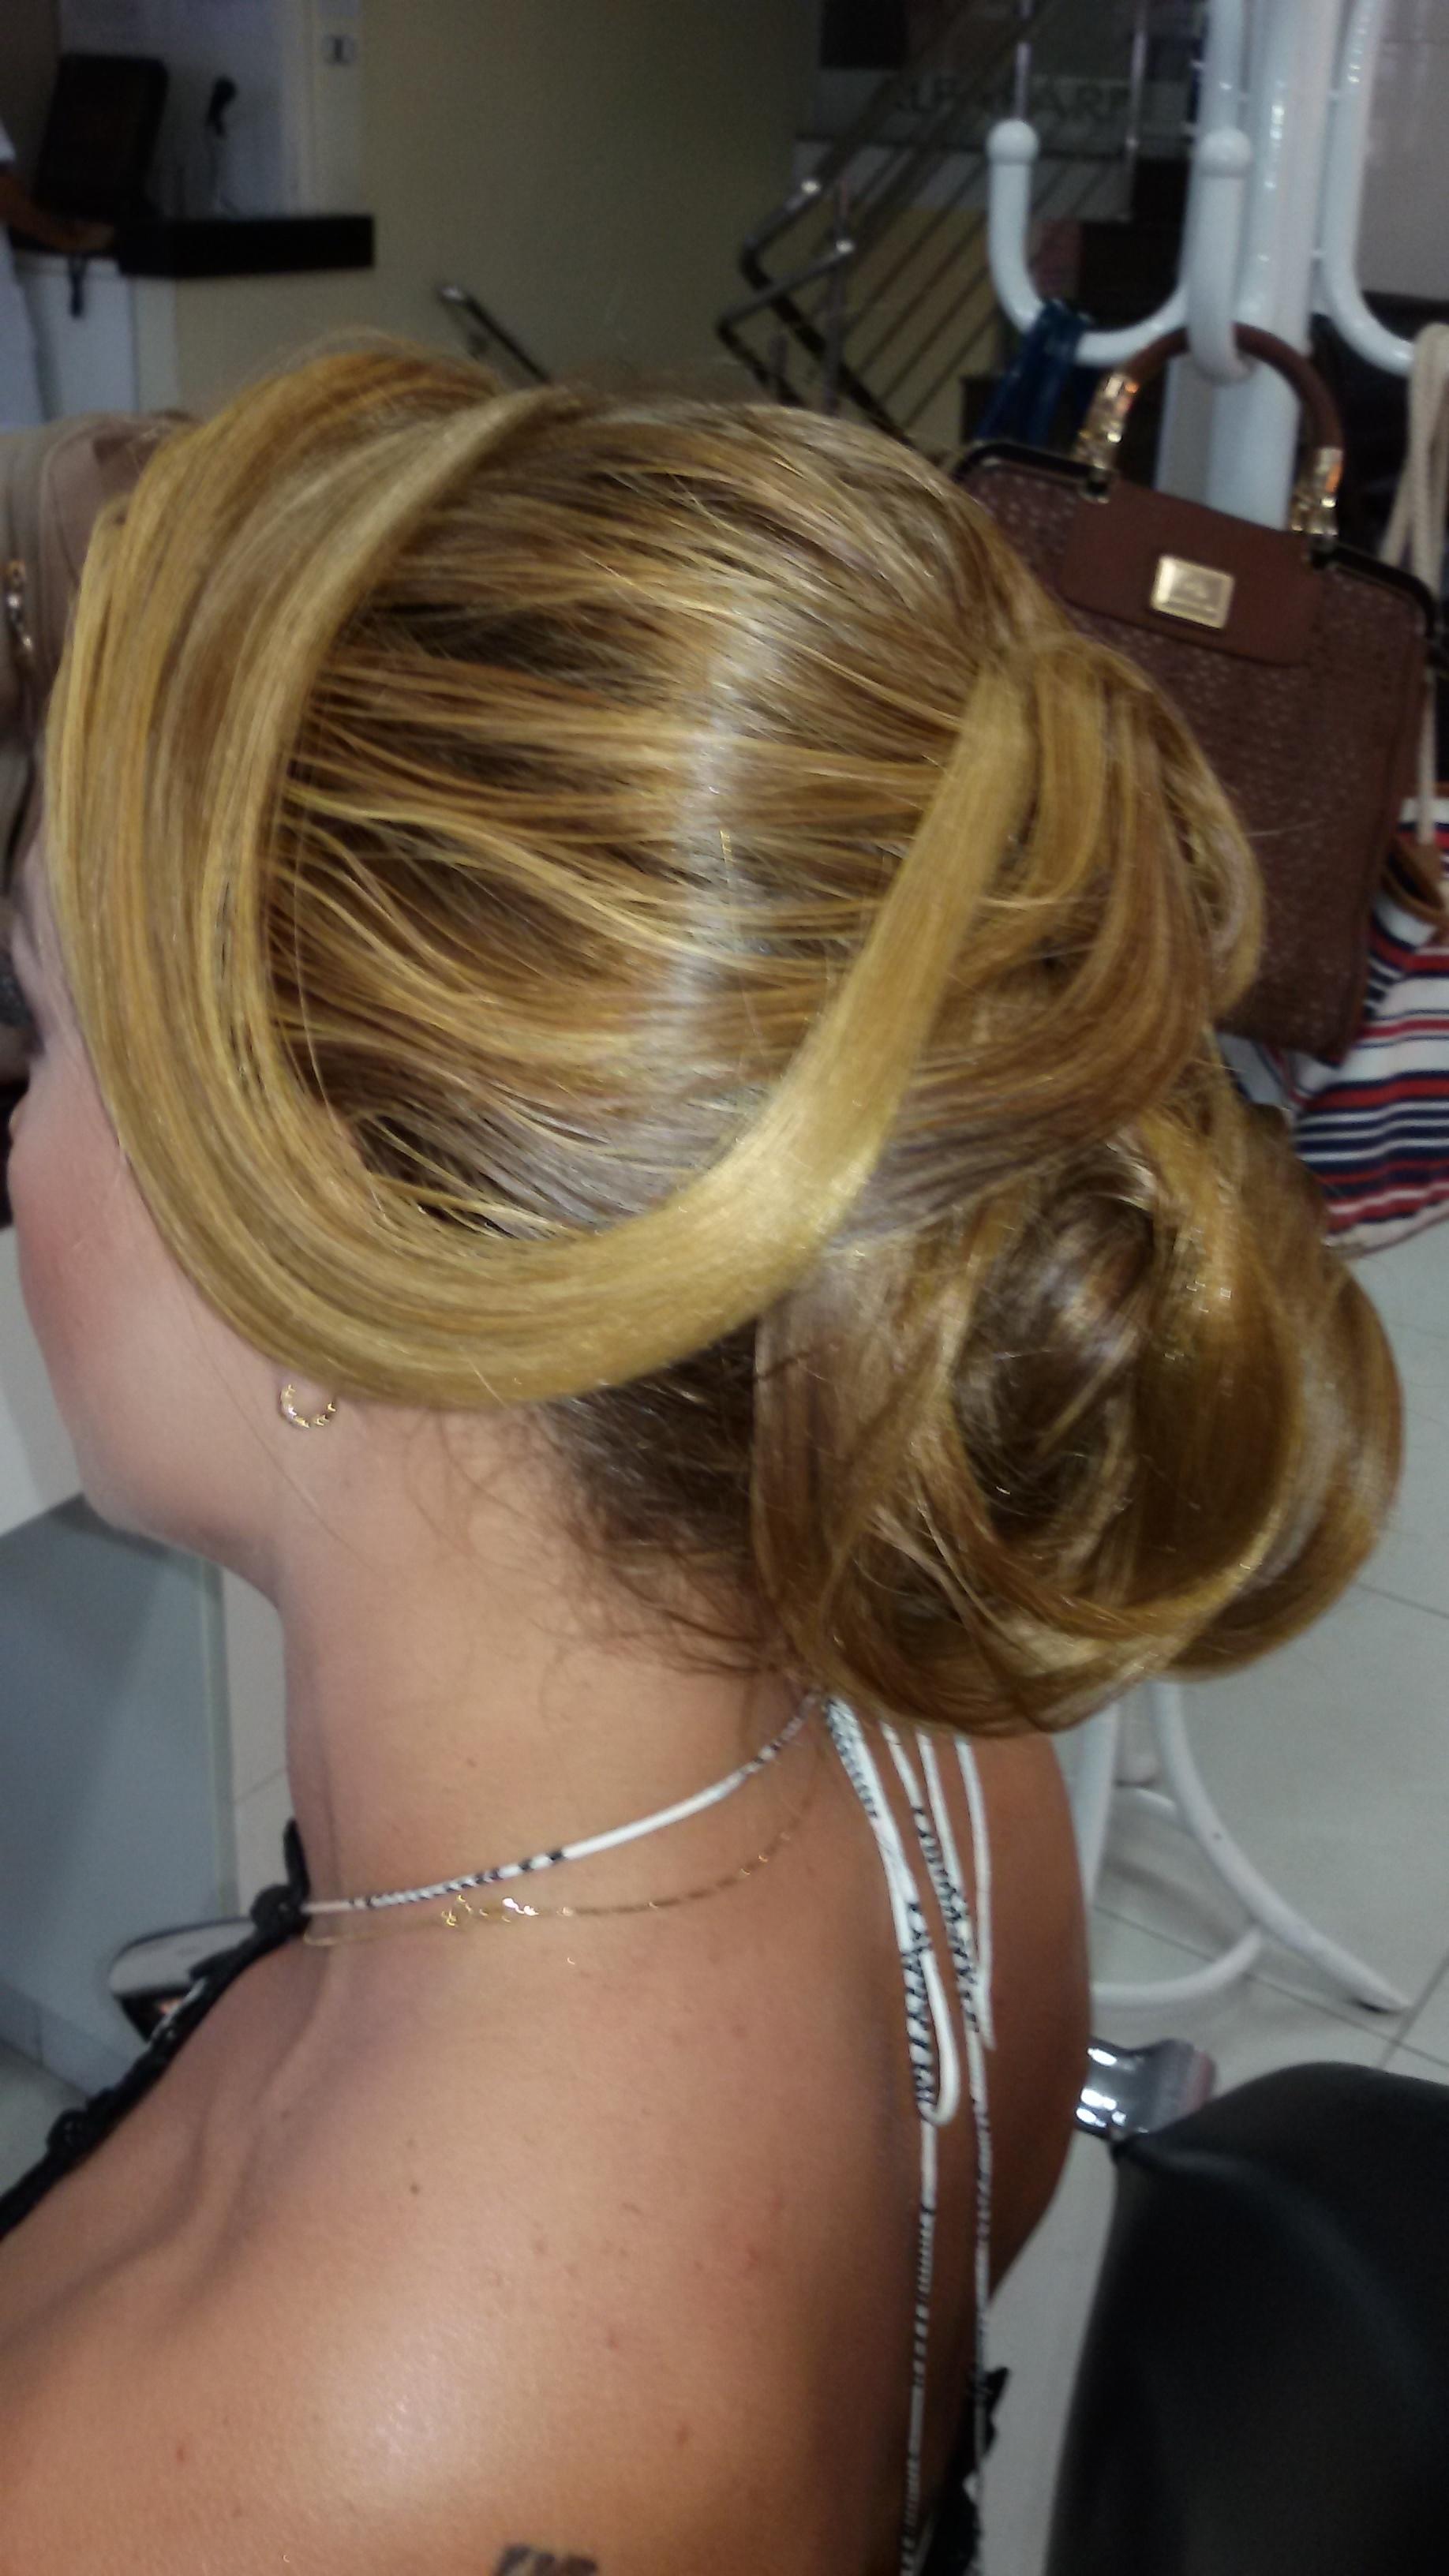 Penteado, por Vani Gomes.  Coque espanhol Livre.  cabeleireiro(a) stylist maquiador(a) massagista visagista